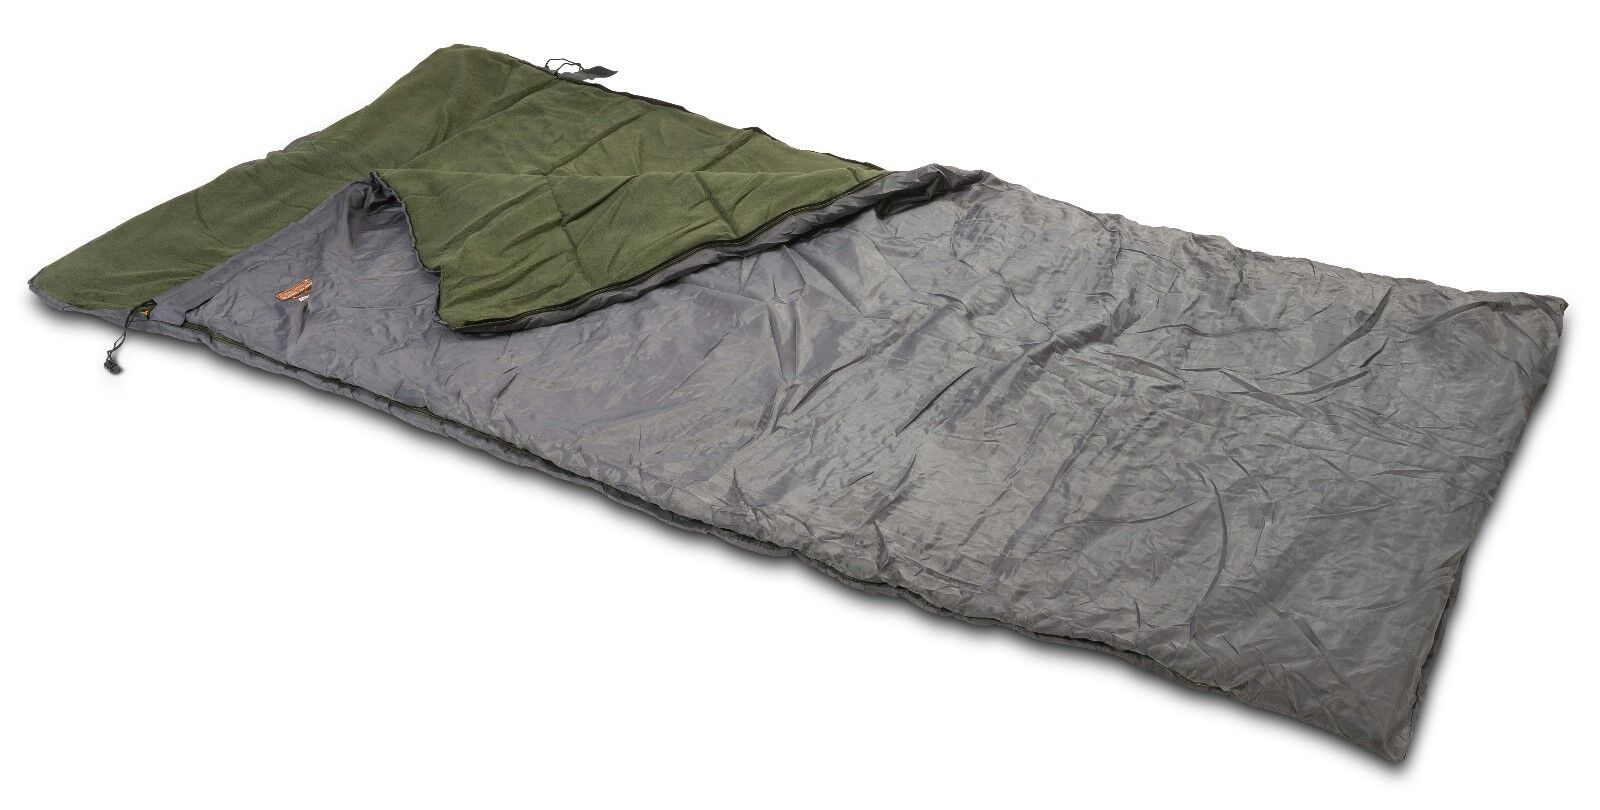 Anaconda Magist 200x90 cm  bis-5°C Camping Outdoor Karpfen Schlafsack 7152712